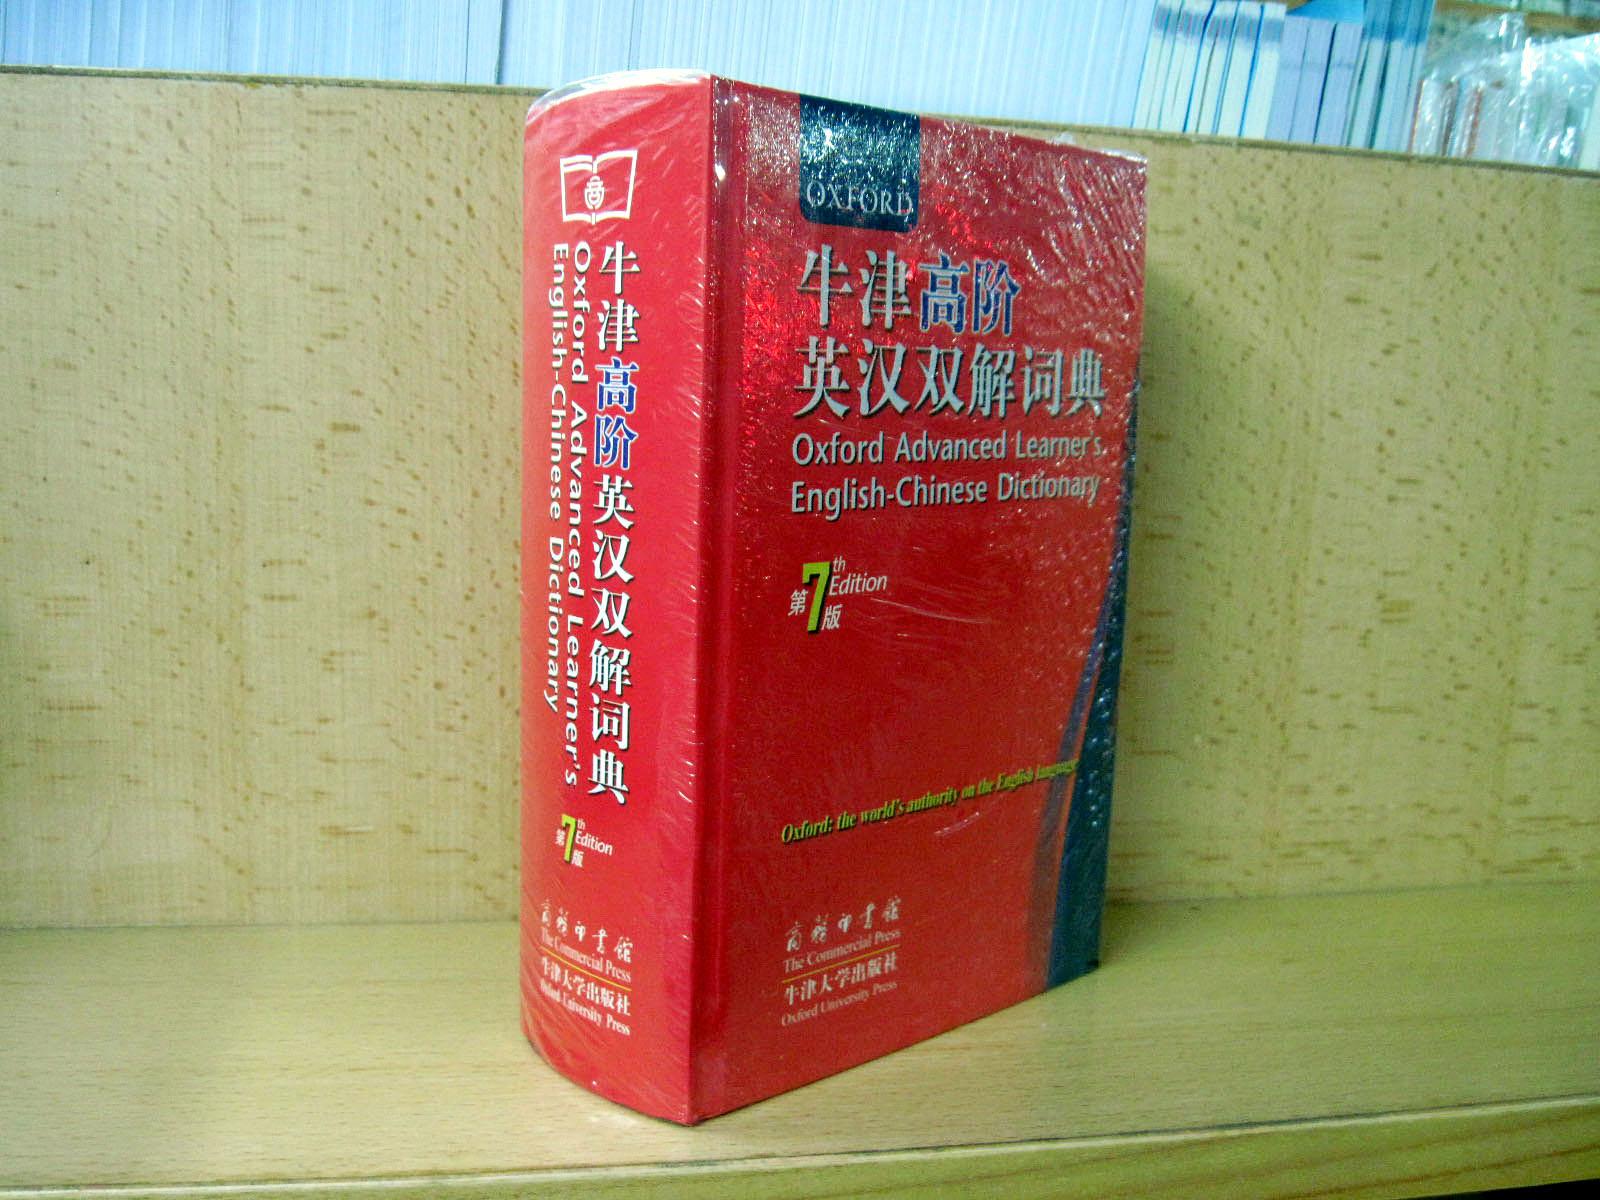 牛津高阶英汉�:)��(�X[_牛津高阶英汉双解词典电脑版下载_牛津高阶英汉双解词典下载